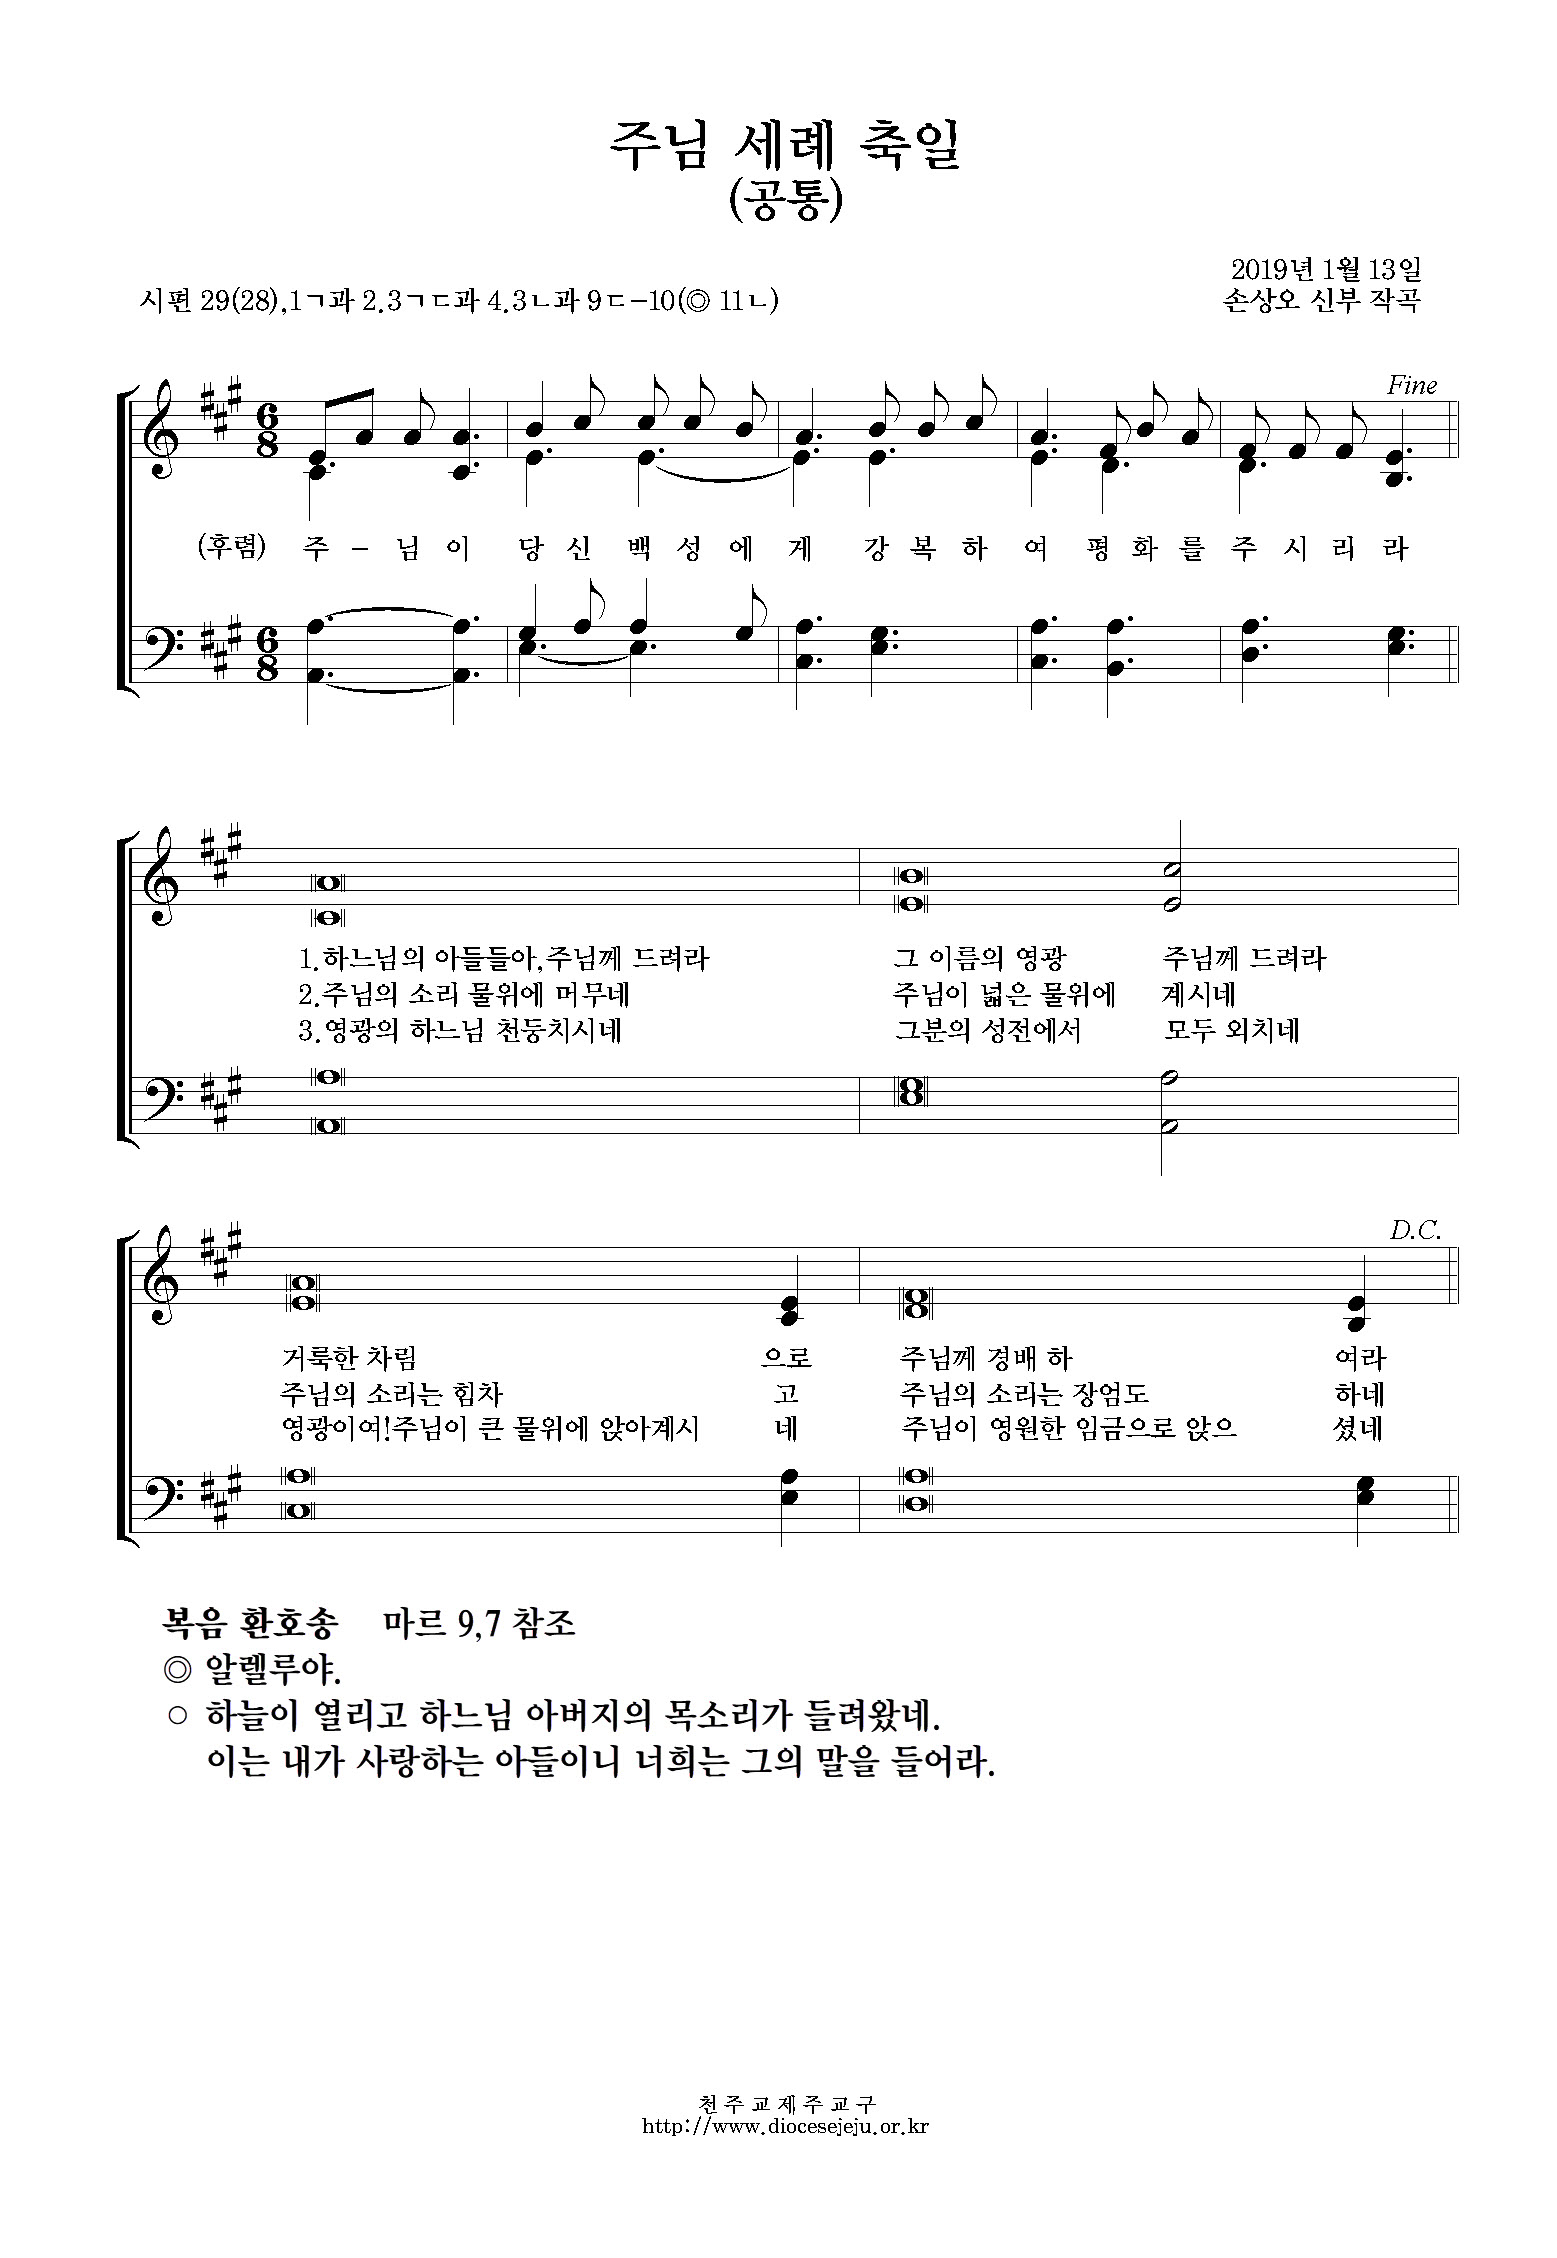 20190113-주님세례축일(공통).jpg